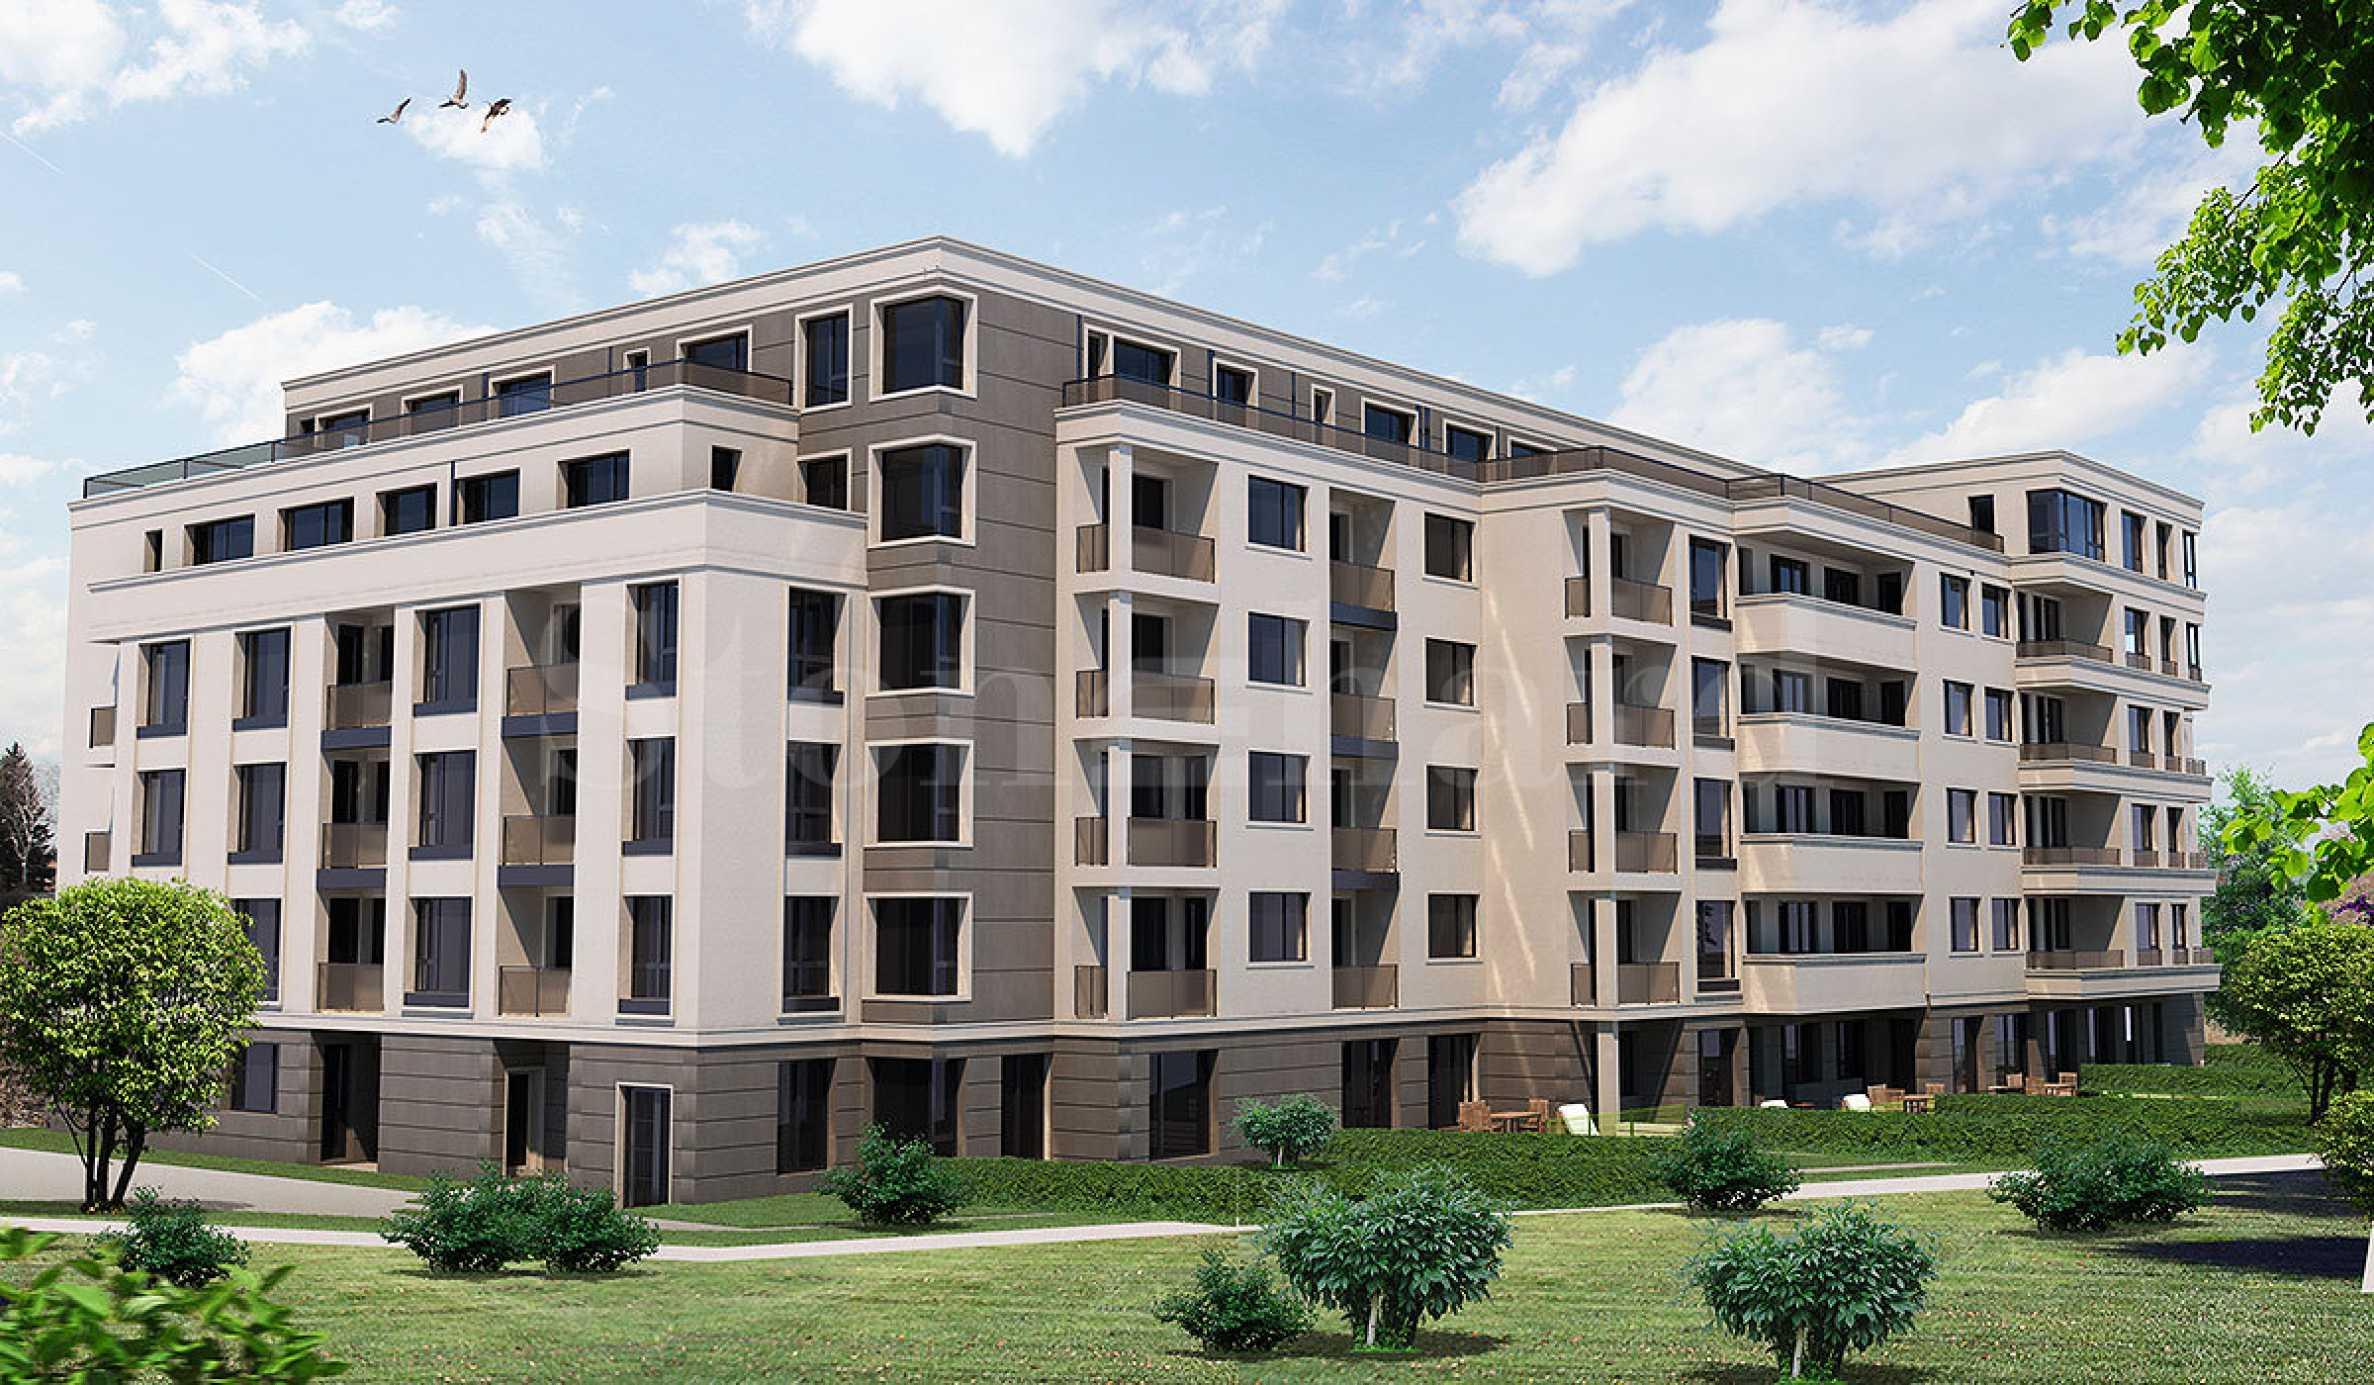 Елегантни апартаменти в модерна сграда до мол и метростанция  1 - Stonehard